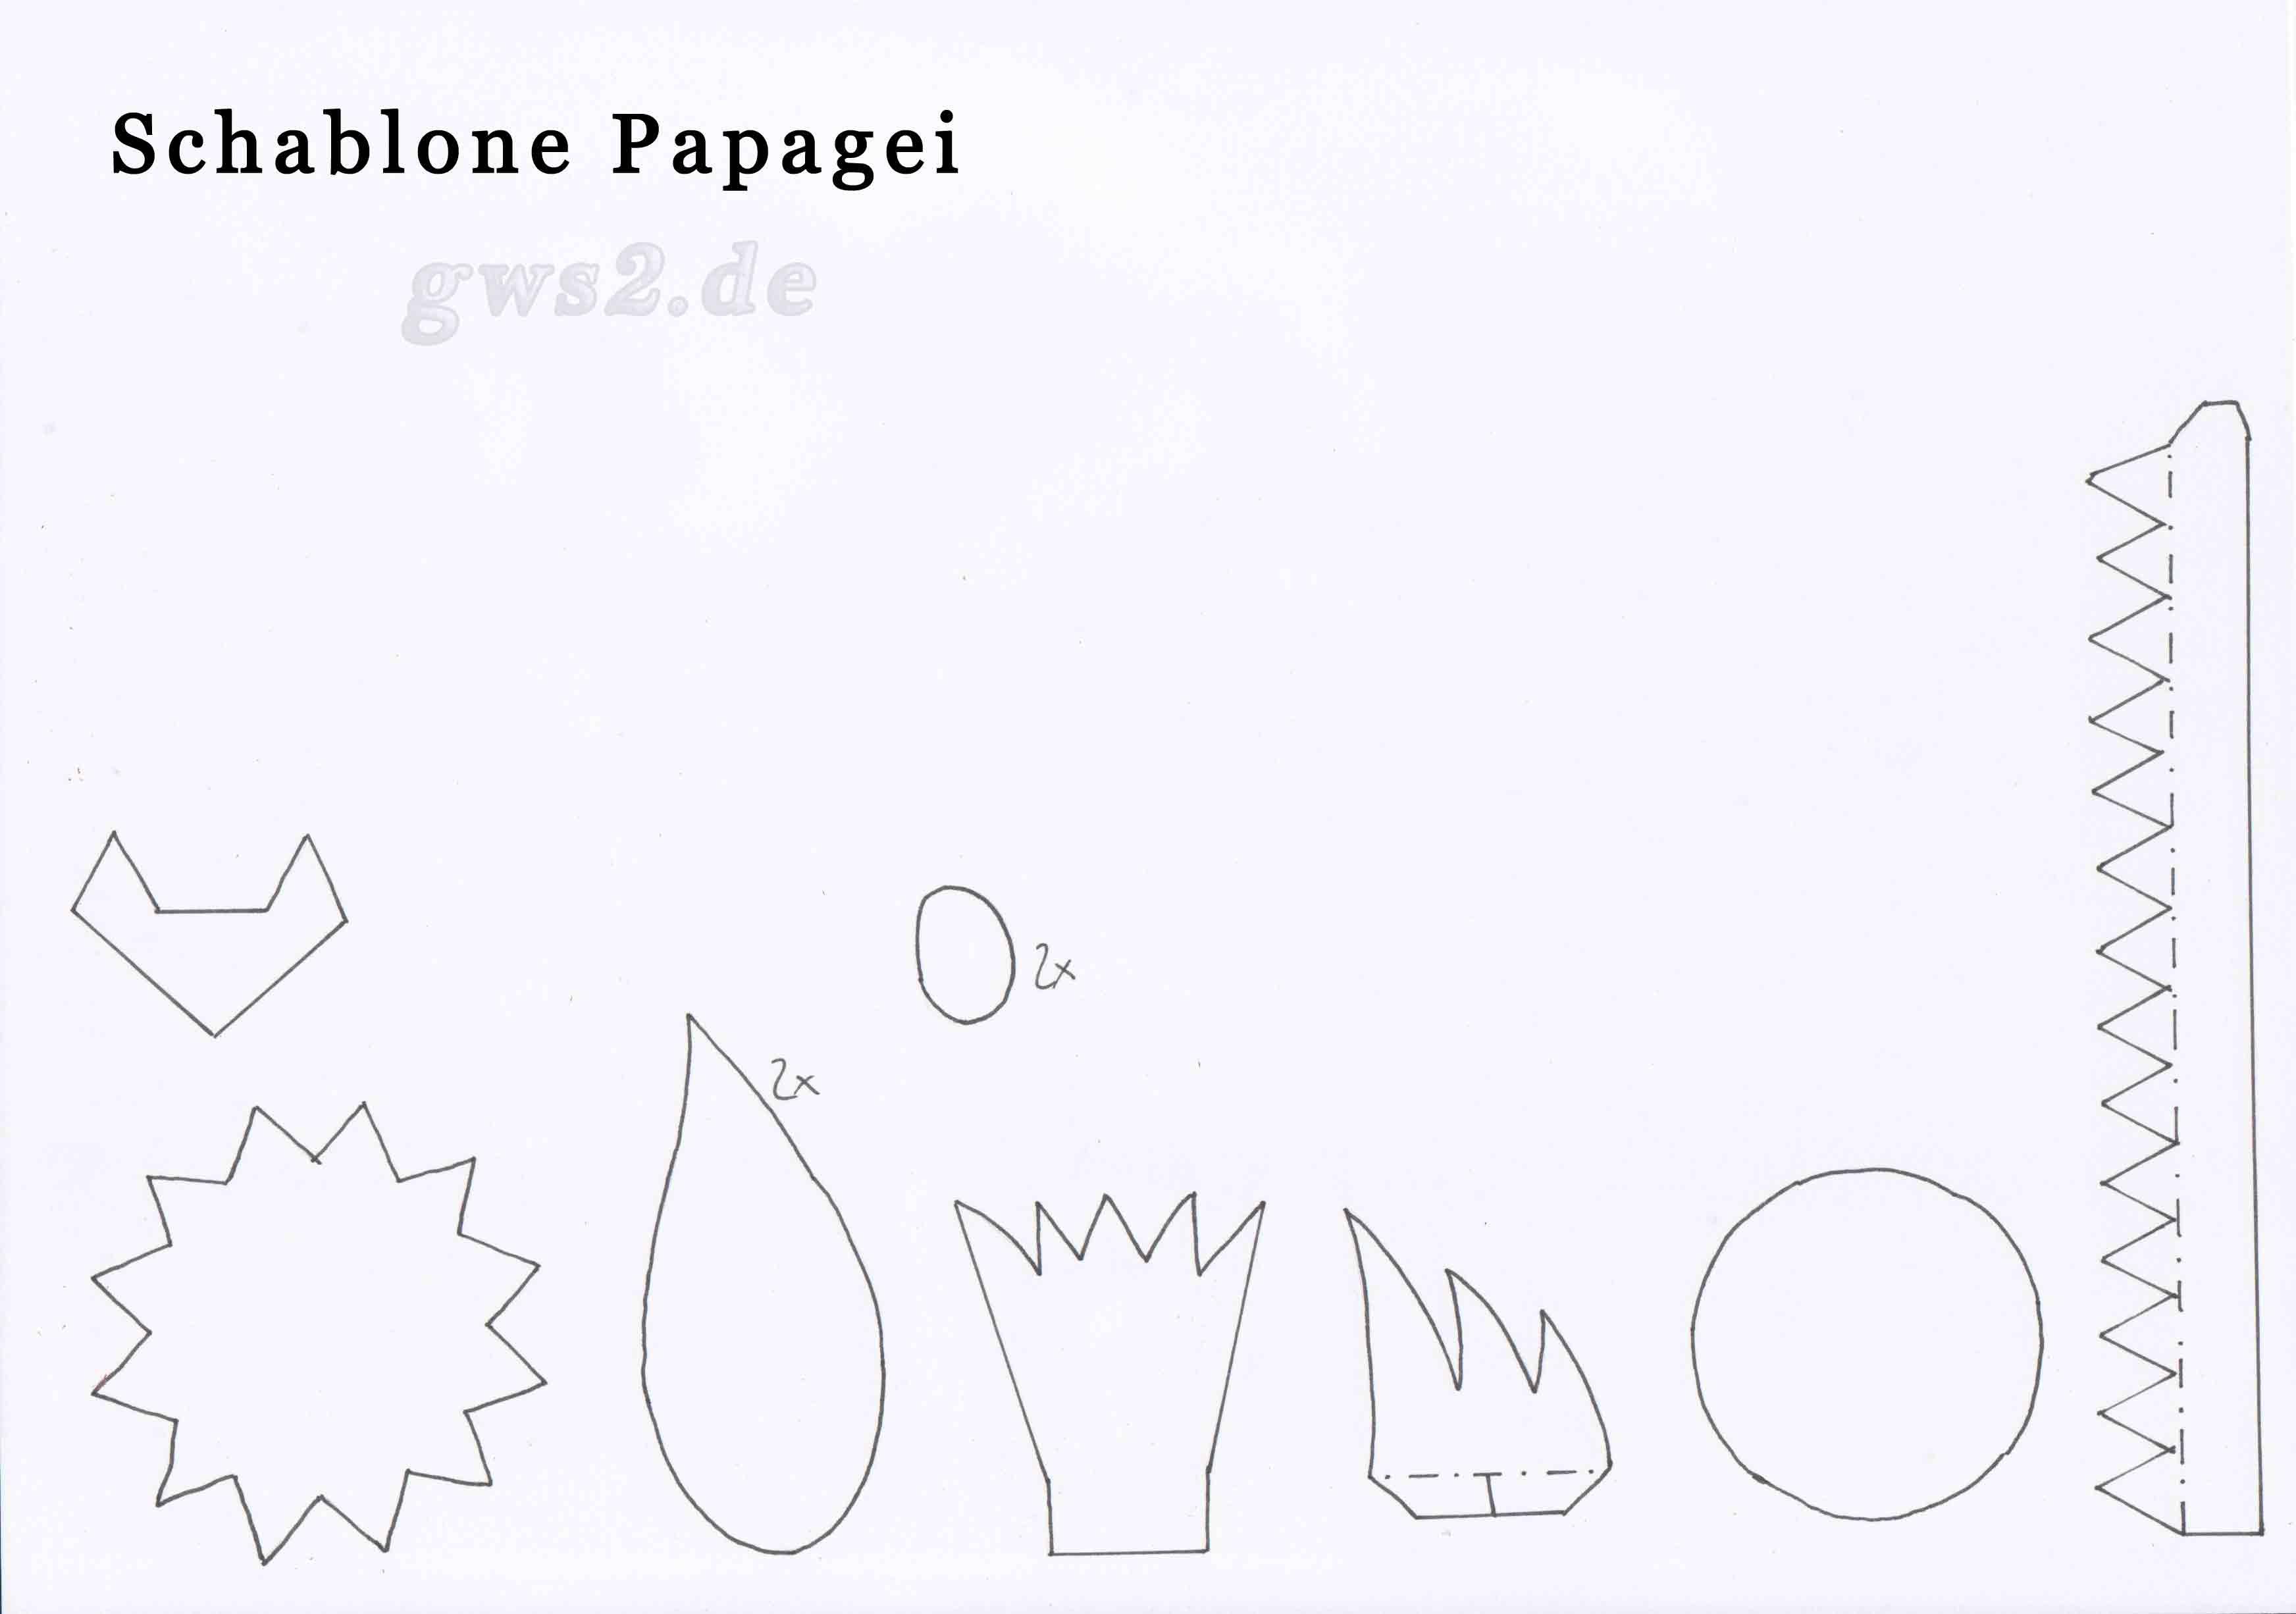 Bild von Schablone für einen Papagei